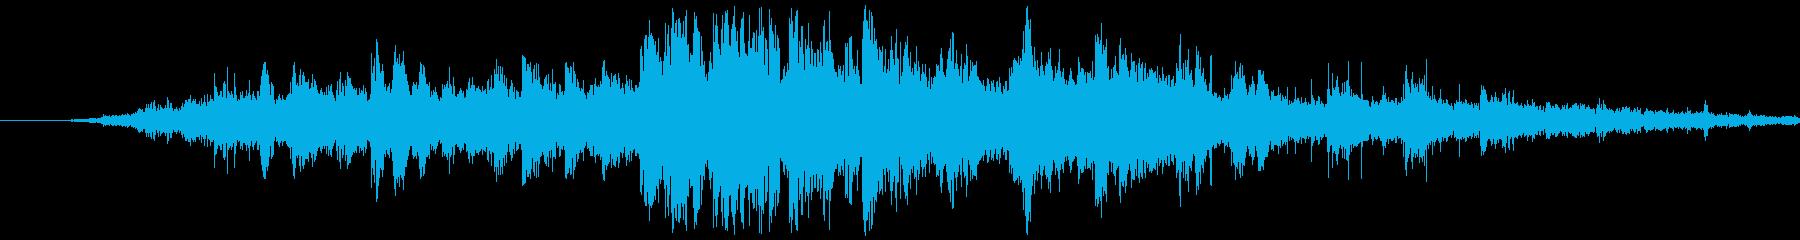 エルロシオカレタYレリンコス2の再生済みの波形